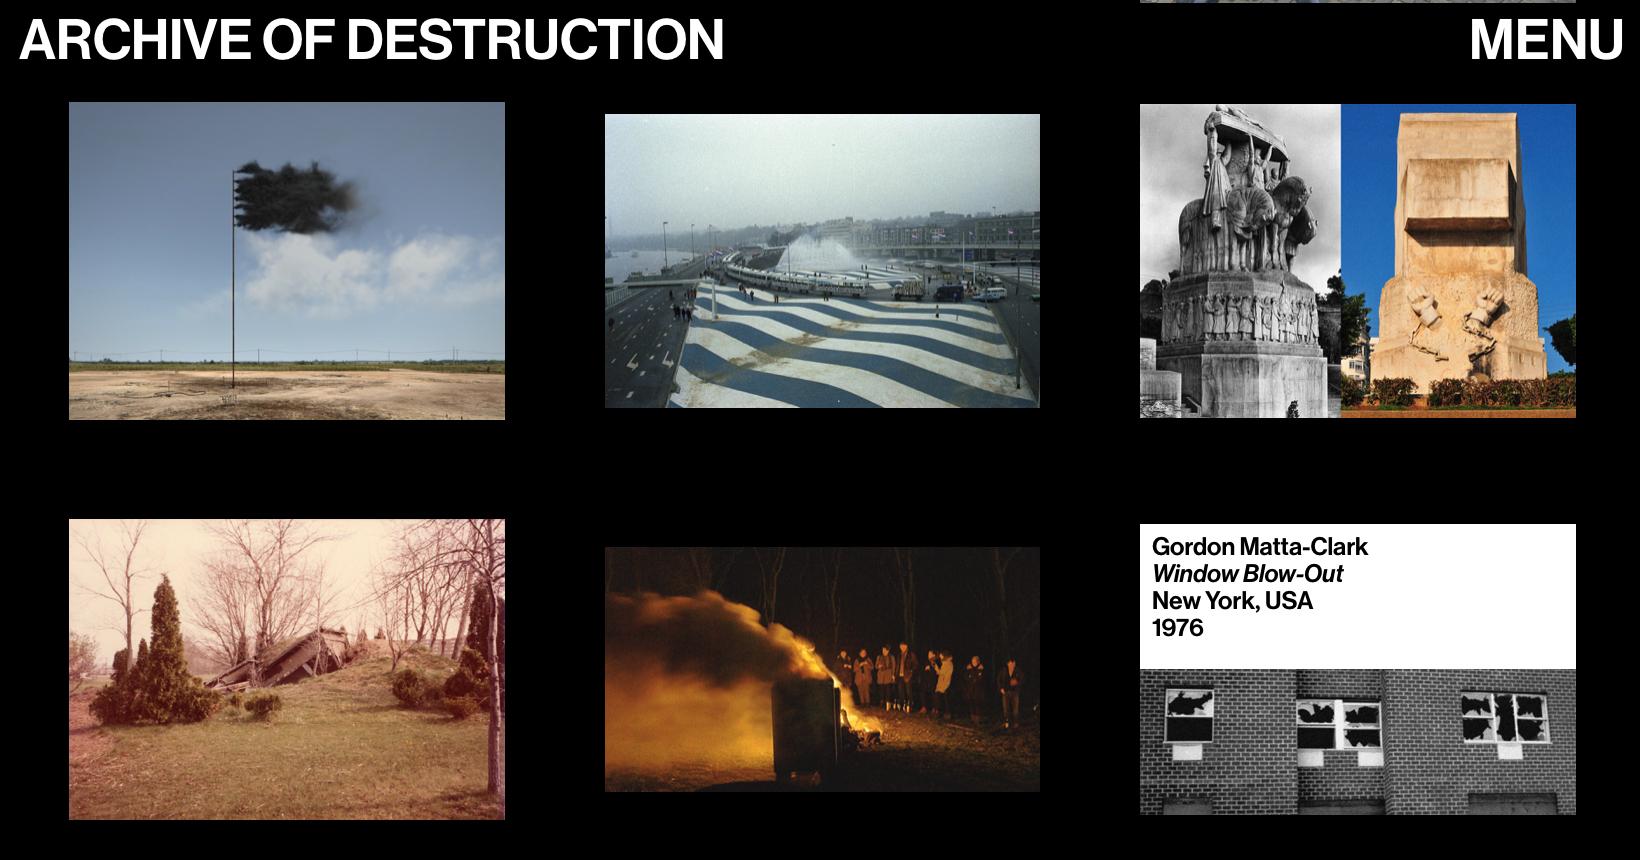 (ARCHIVE OF DESTRUCTION 7)